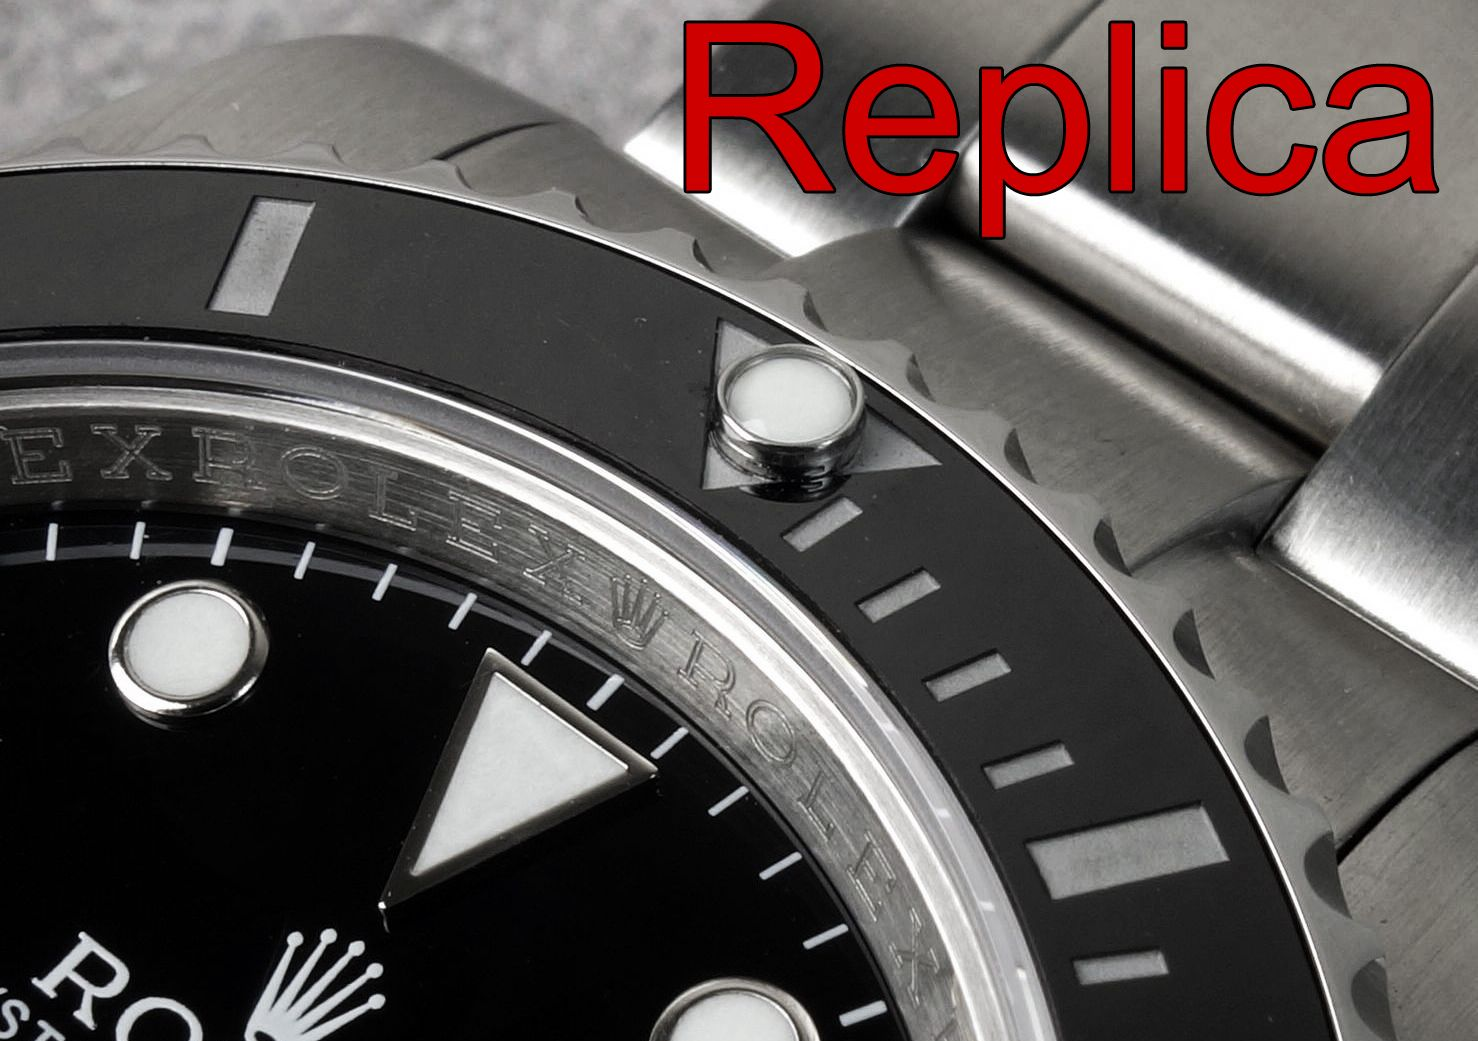 RolexSubmarinerReplicaPerle.jpg (1478×1041)